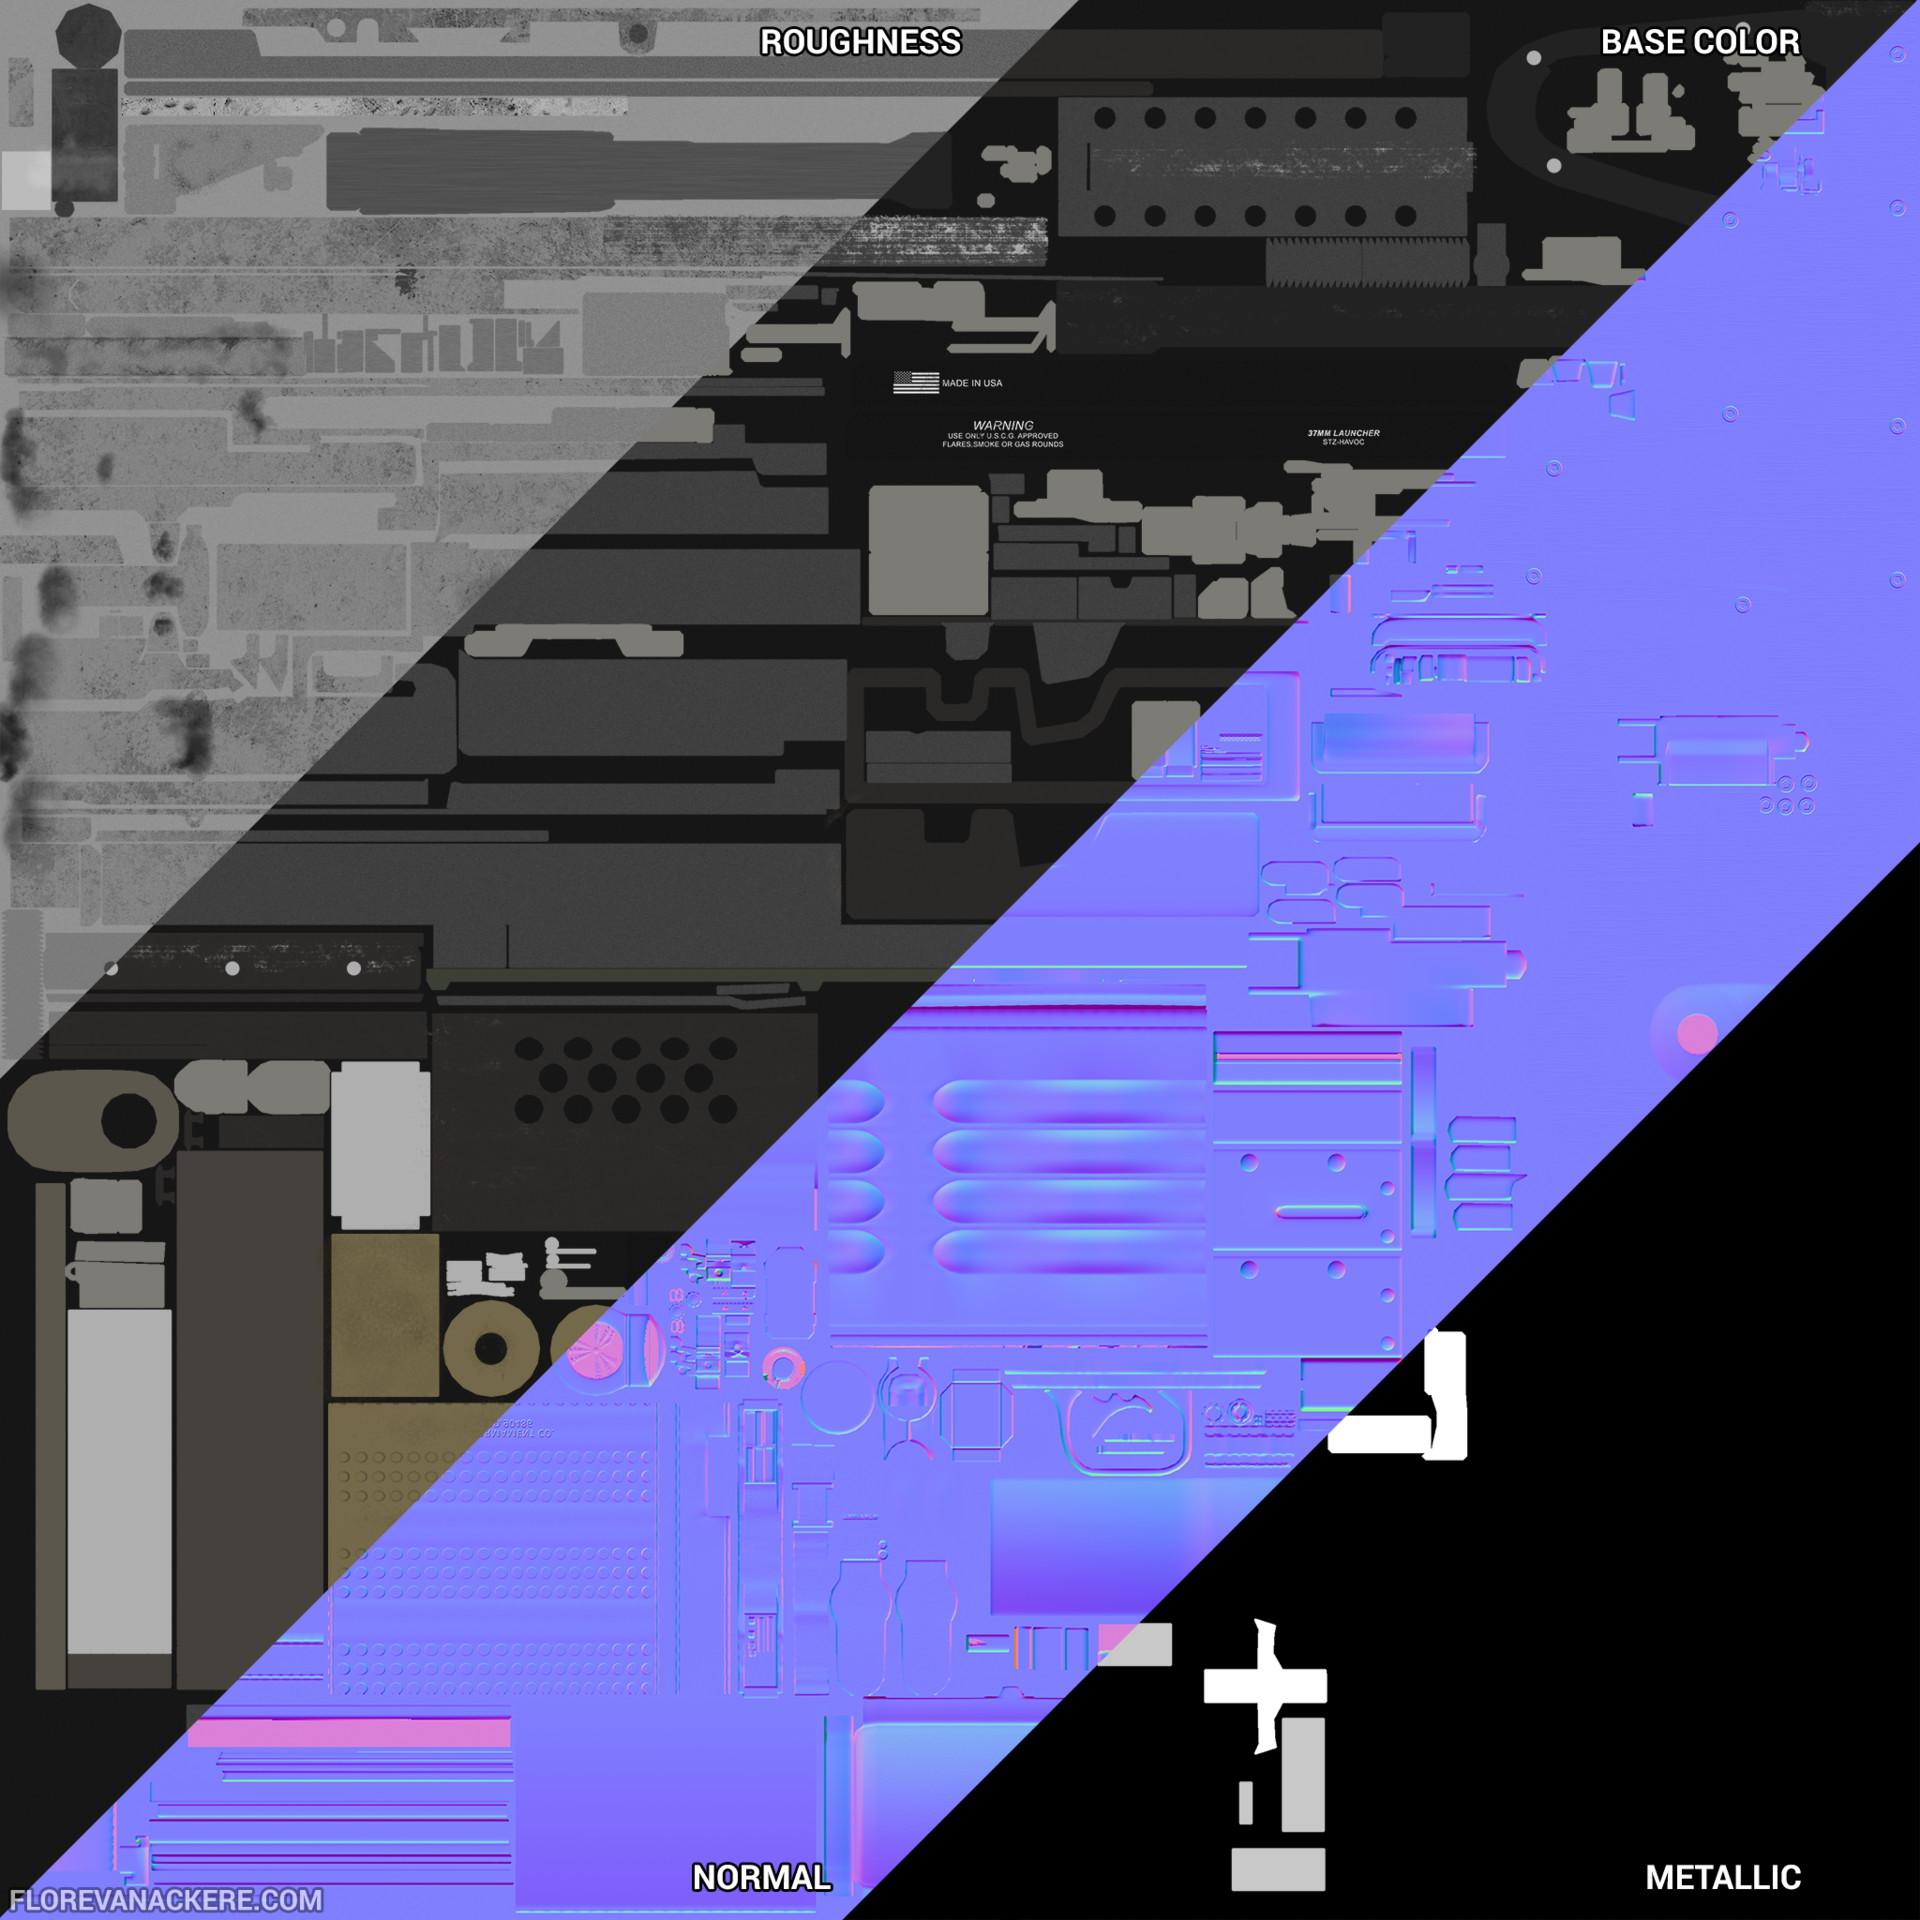 Flore vanackere maps